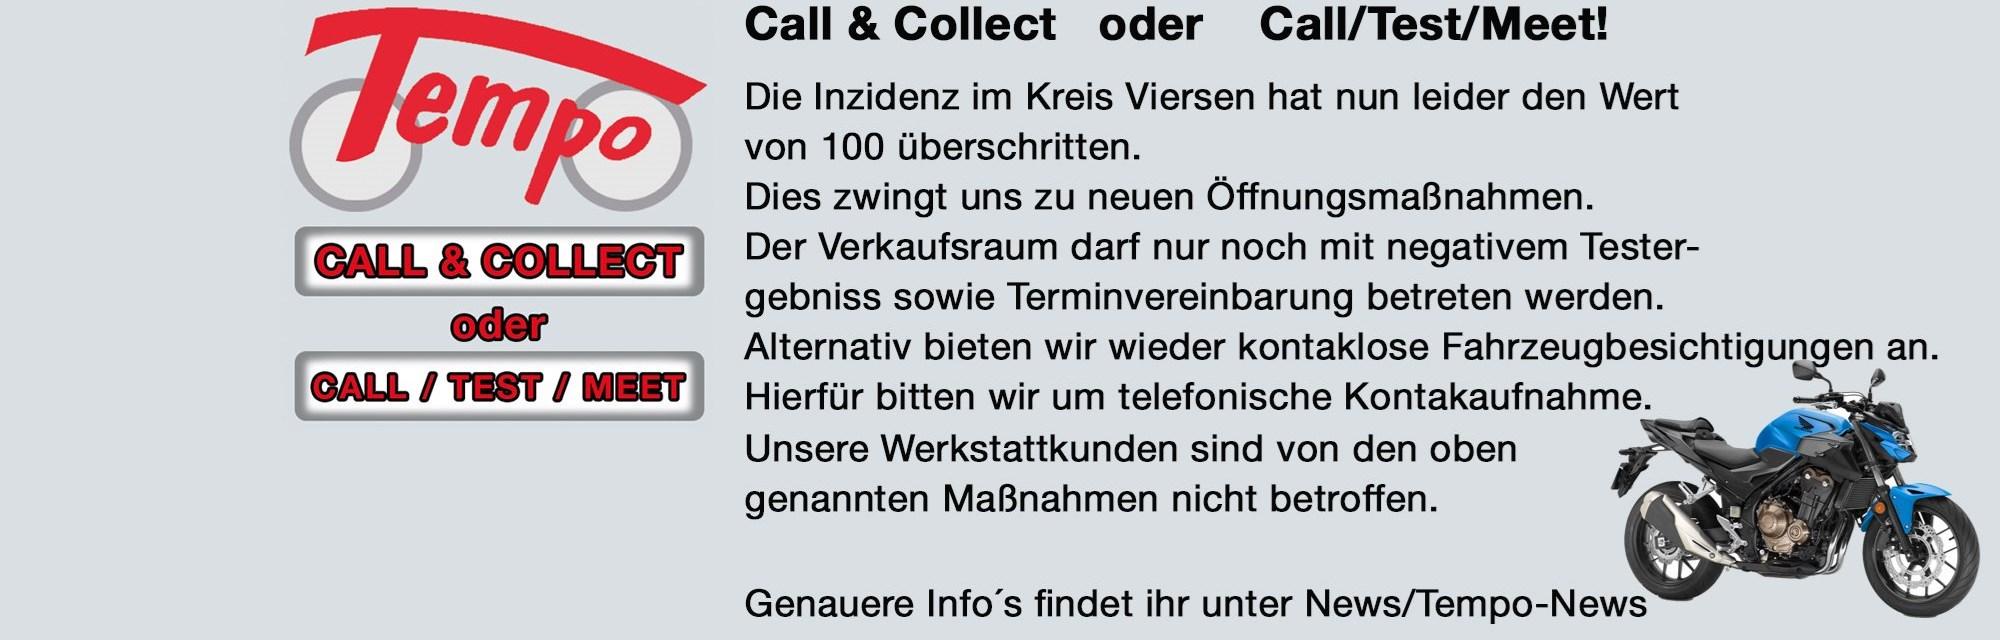 CALL / TEST / MEET